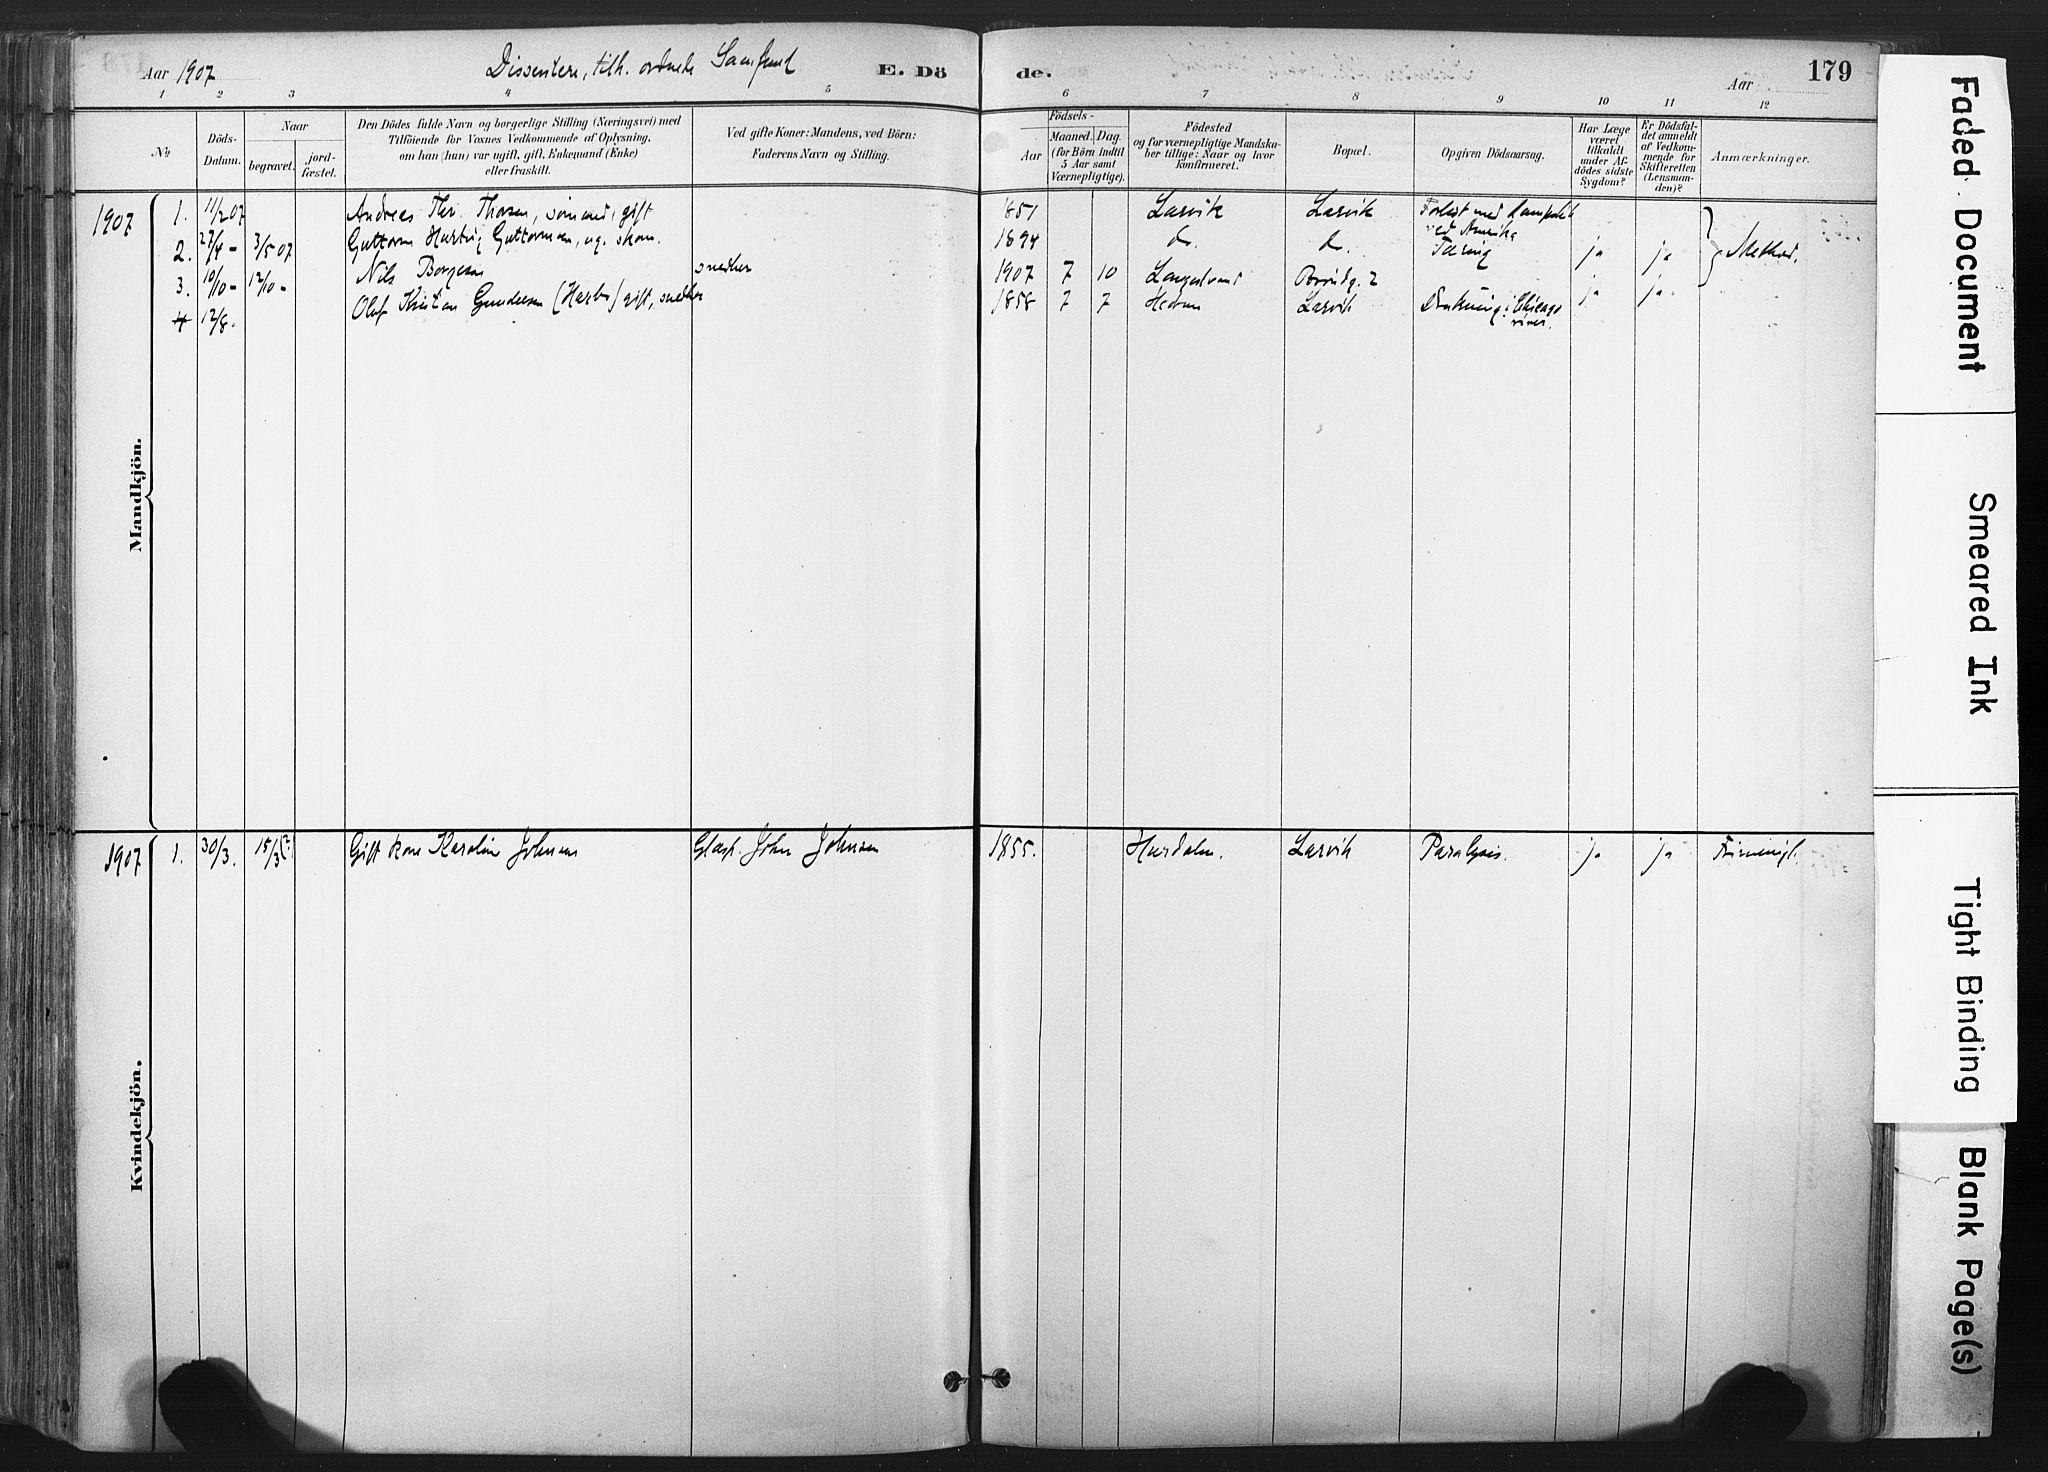 SAKO, Larvik kirkebøker, F/Fa/L0010: Parish register (official) no. I 10, 1884-1910, p. 179